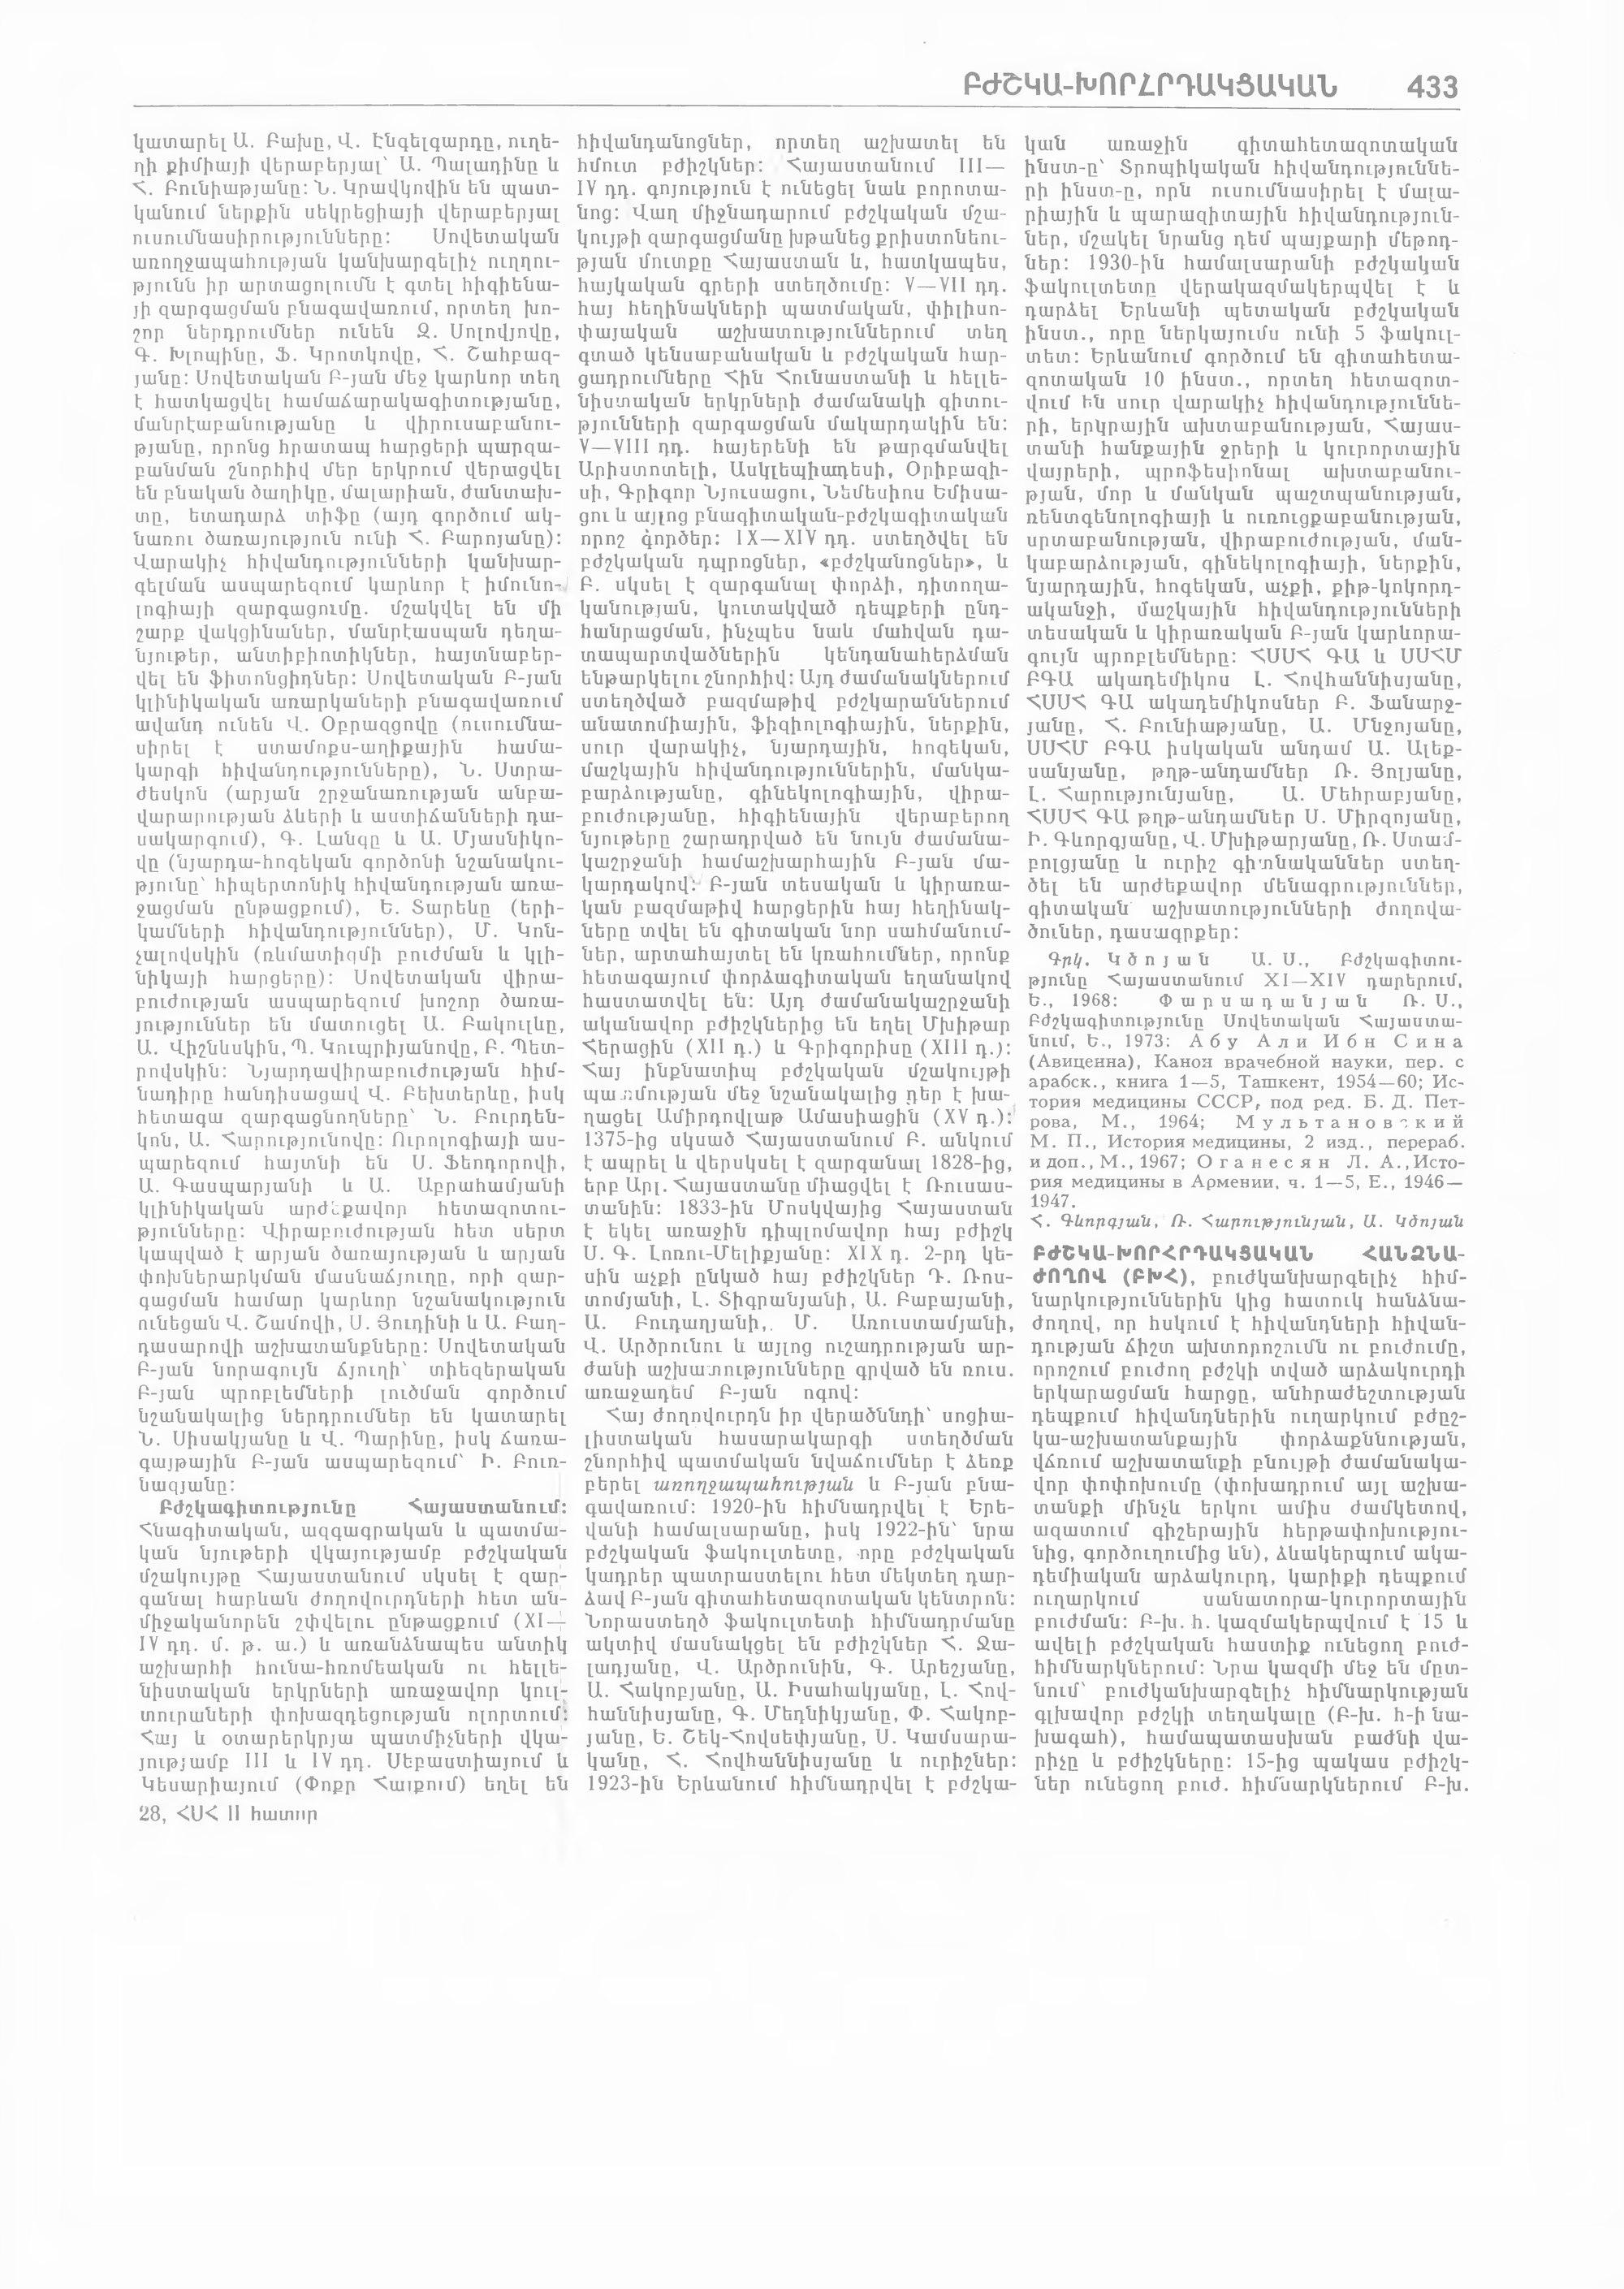 http://upload.wikimedia.org/wikipedia/commons/thumb/0/07/Հայկական_Սովետական_Հանրագիտարան_%28Soviet_Armenian_Encyclopedia%29_2.djvu/page433-2000px-Հայկական_Սովետական_Հանրագիտարան_%28Soviet_Armenian_Encyclopedia%29_2.djvu.jpg